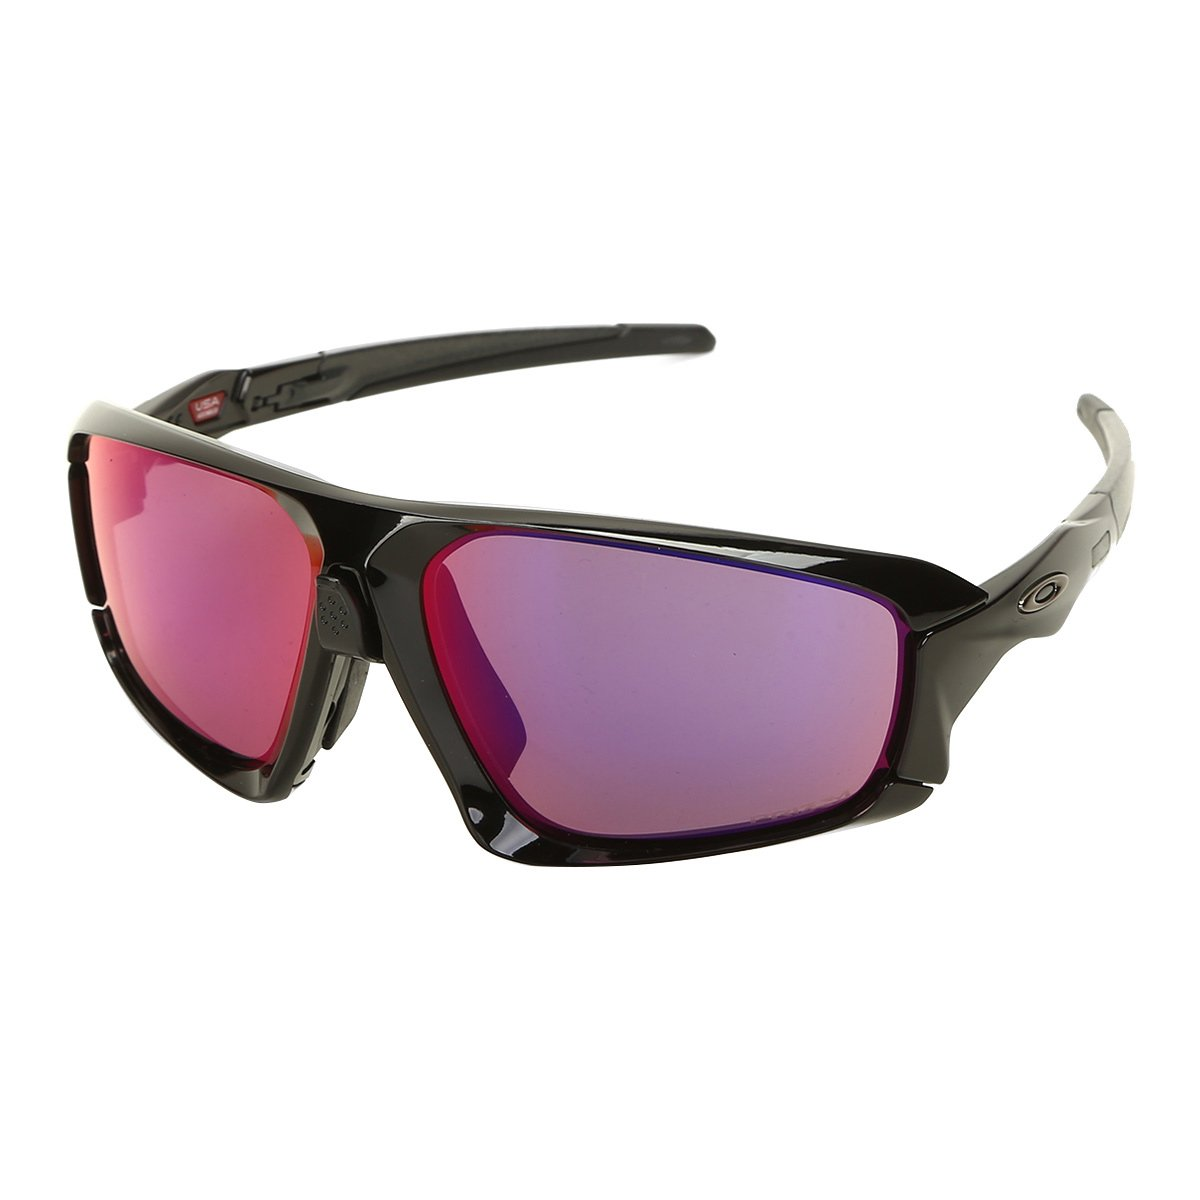 16f8165cb4f57 Óculos Oakley Field Jacket Polished - Compre Agora